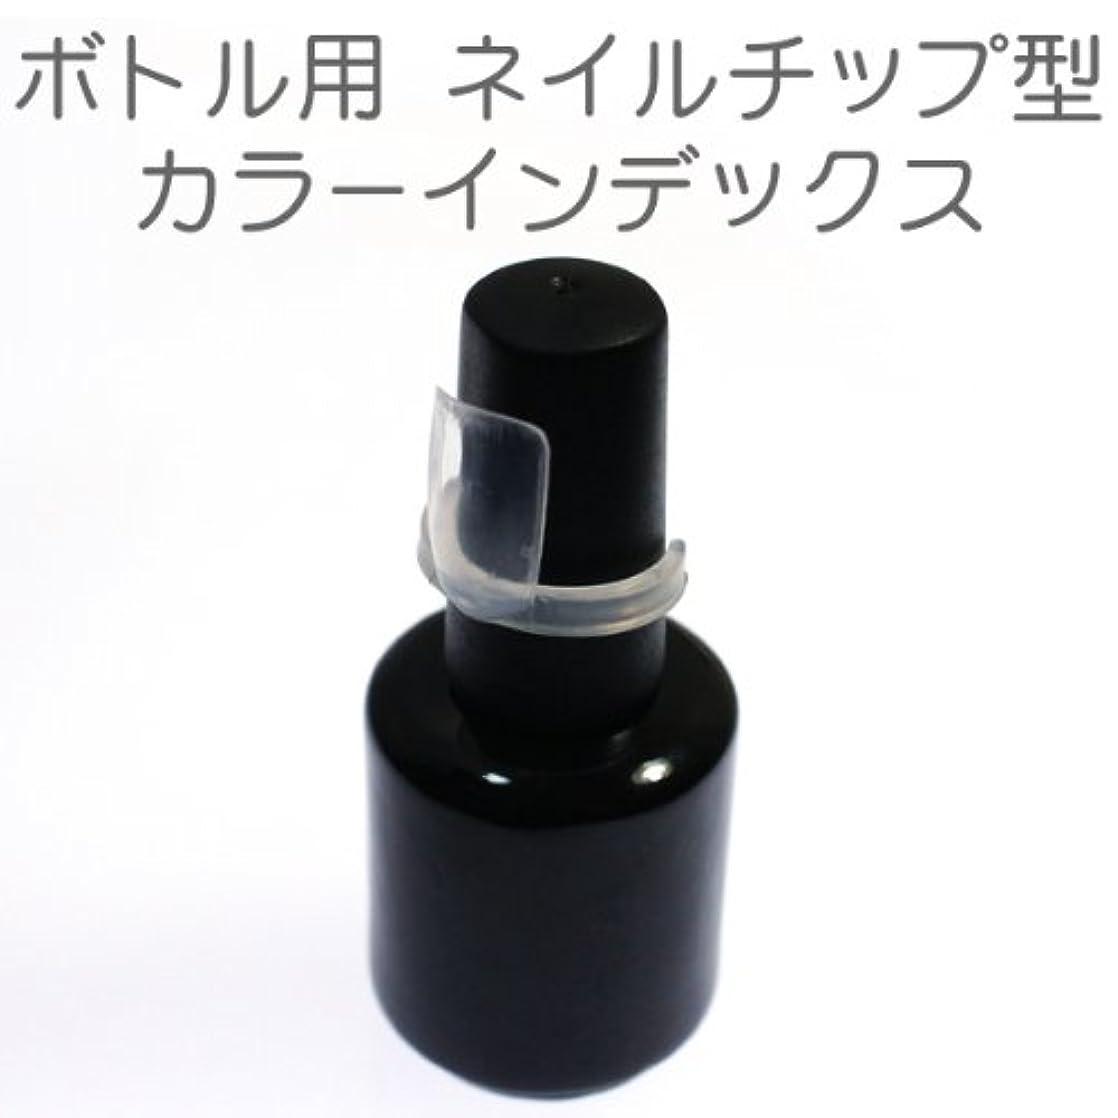 気体の広範囲に怒るボトル用カラーインデックス ネイルチップ型 50個セット ネイル カラーチャート